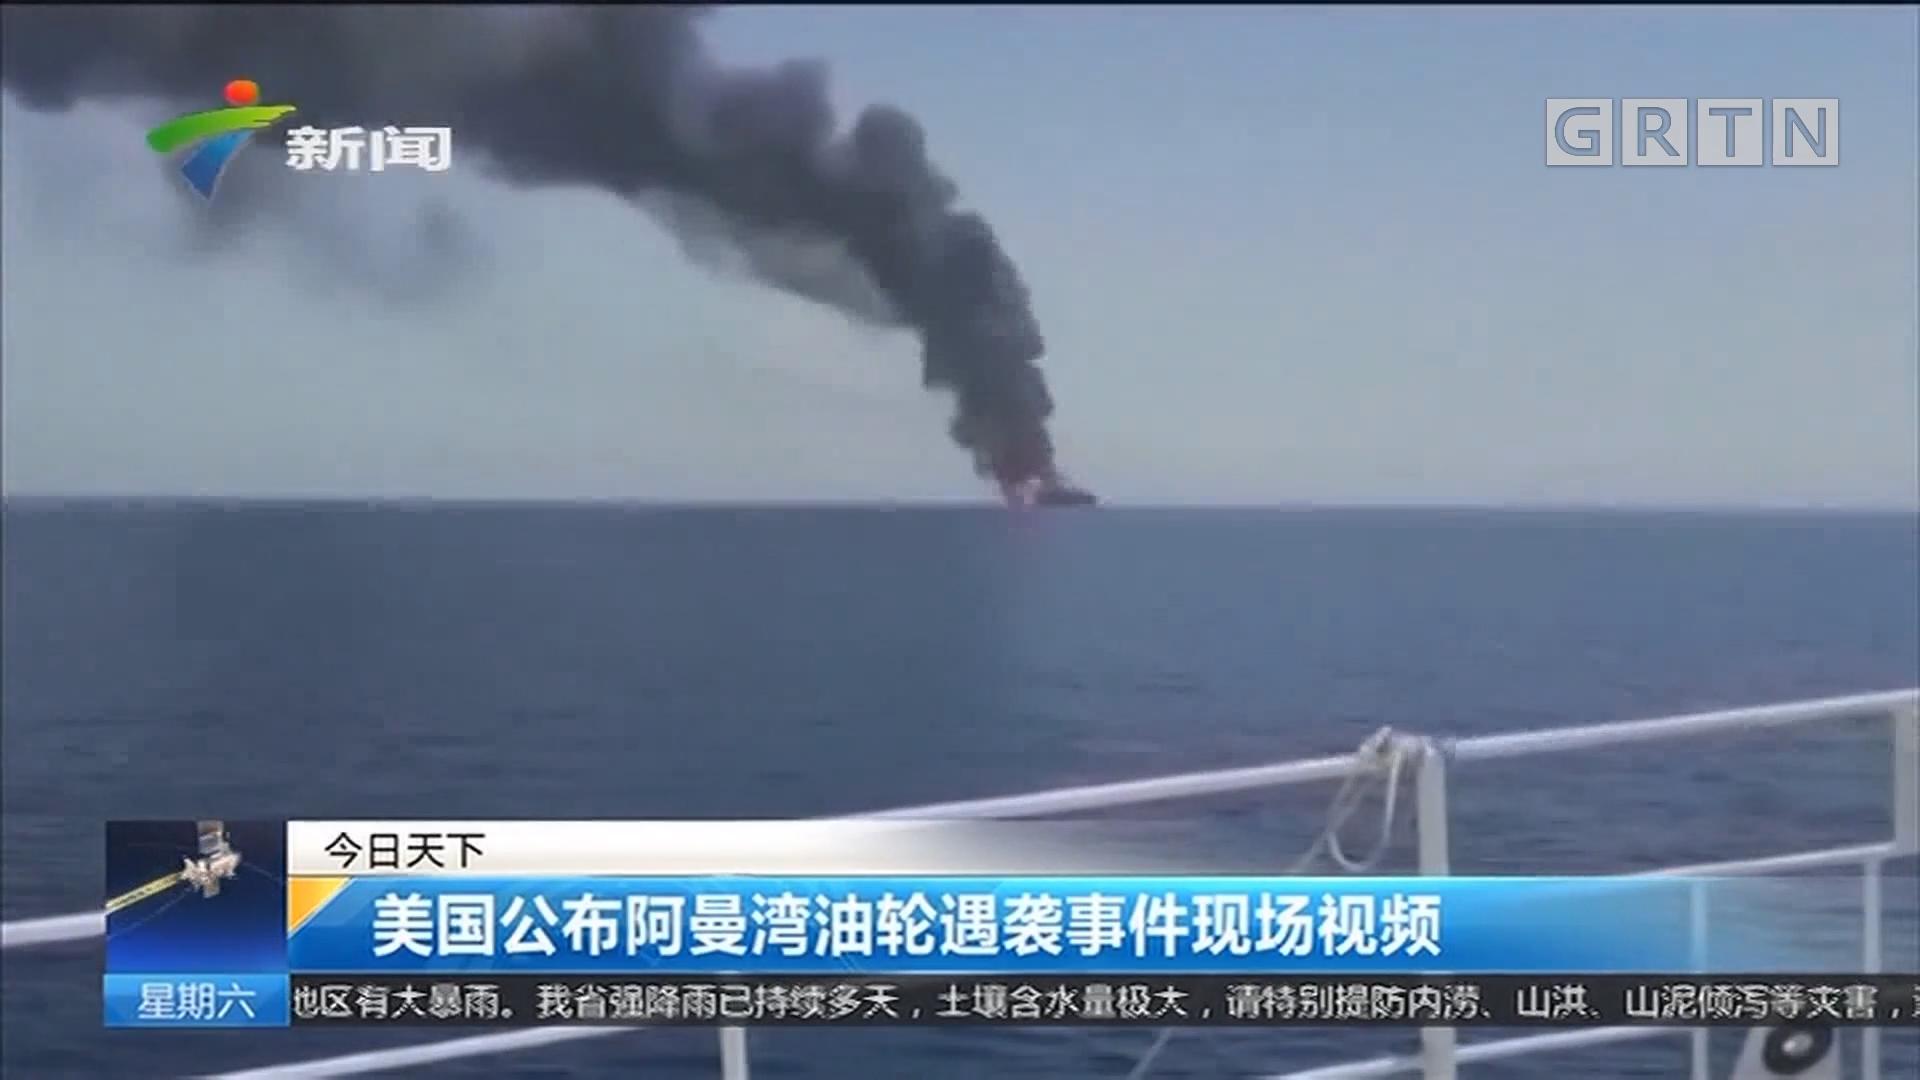 美国公布阿曼湾油轮遇袭事件现场视频